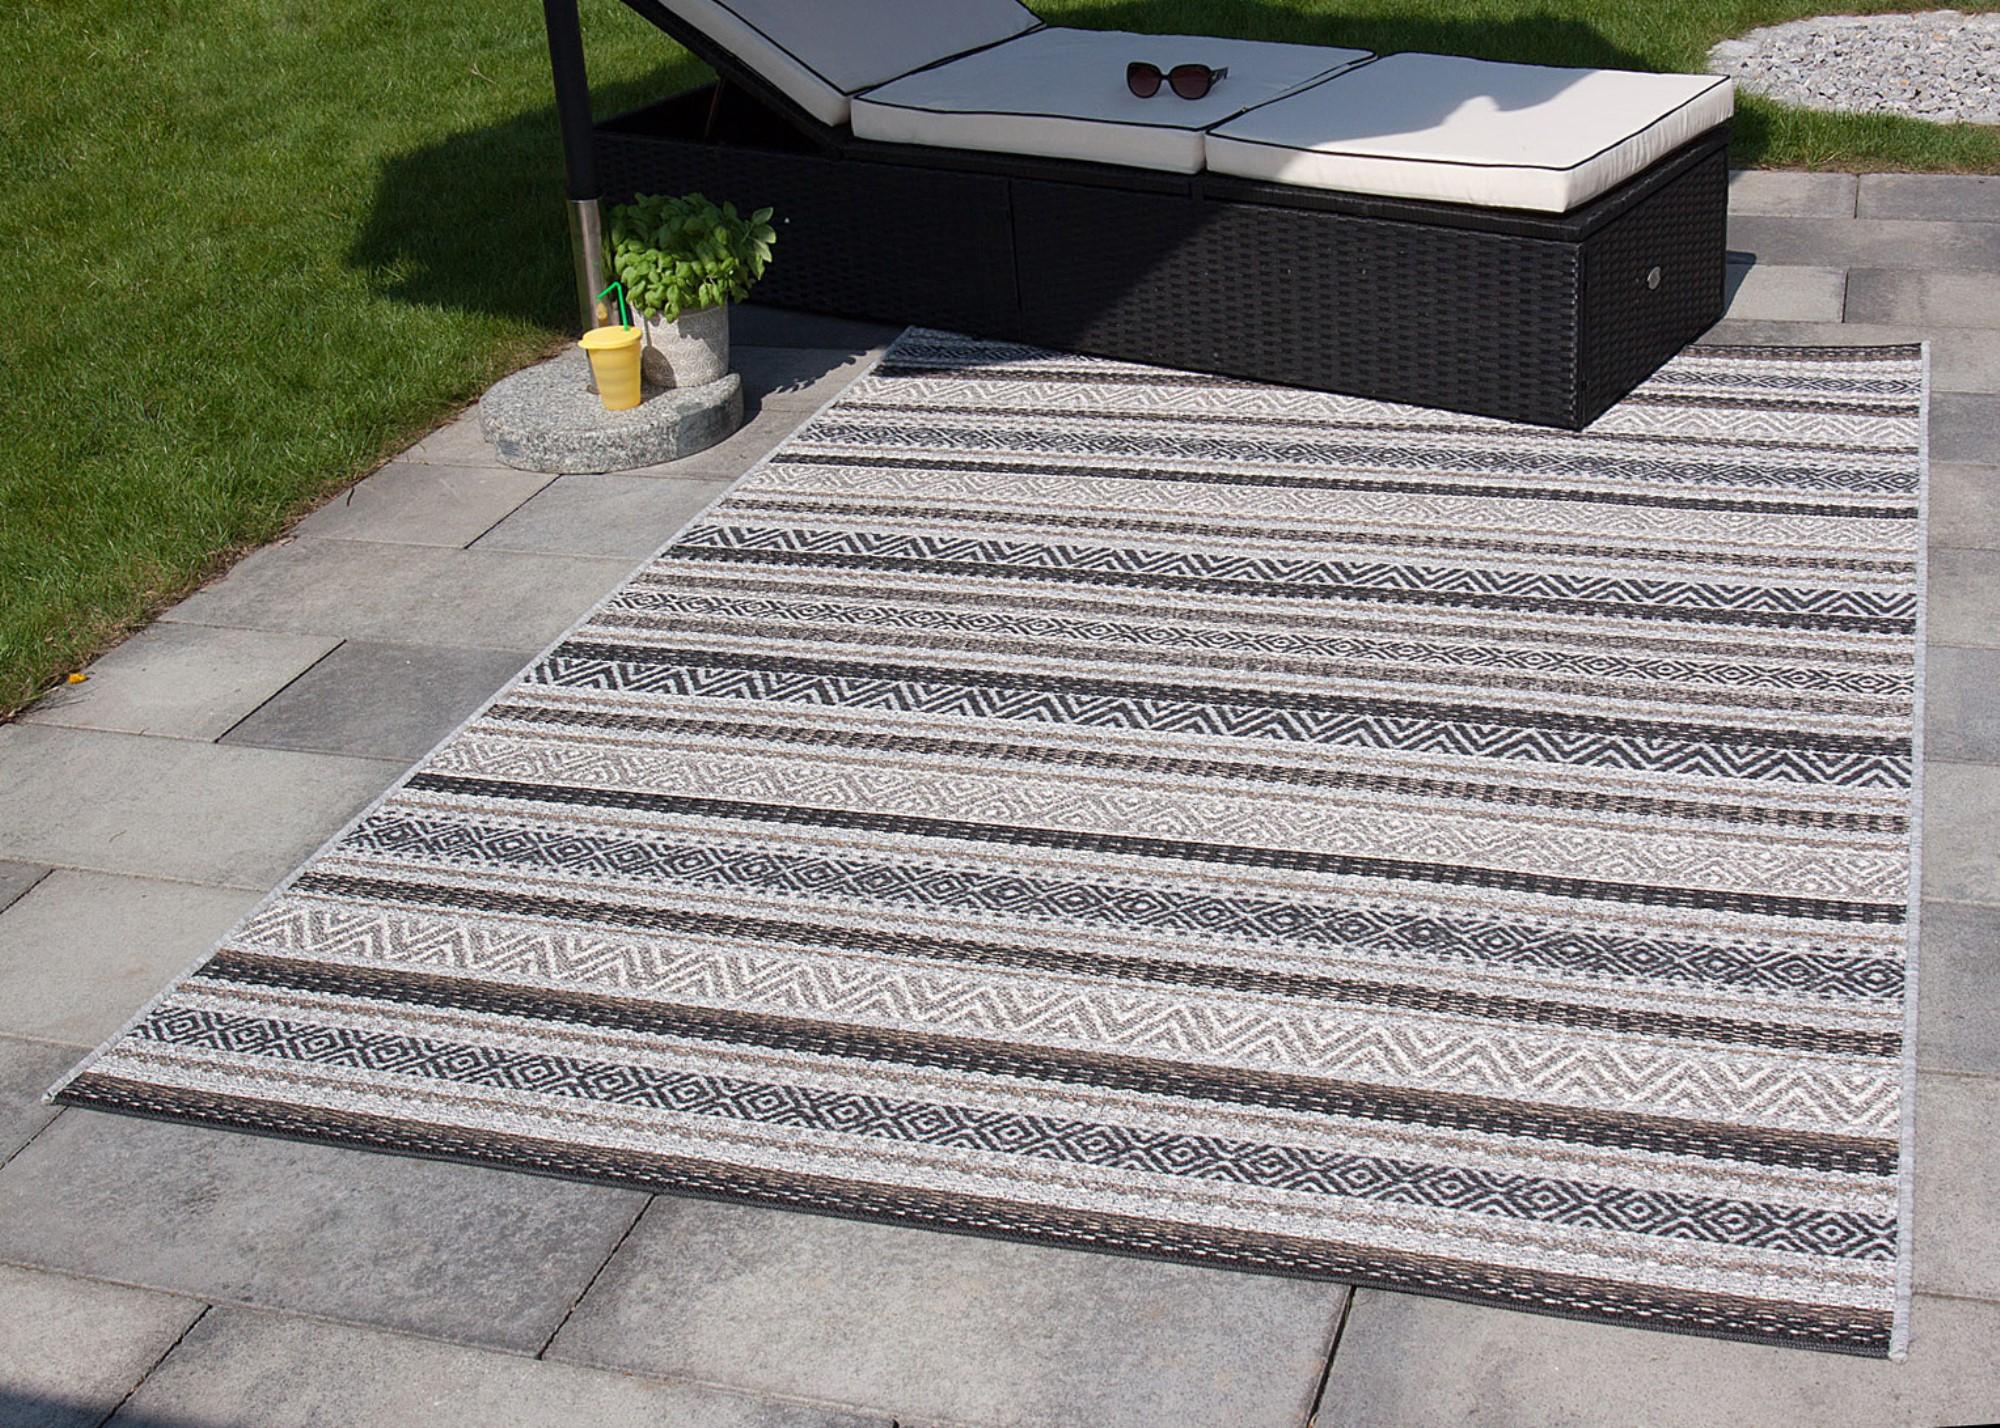 in outdoor teppich varberg beige blau grau gr n t rkis balkon kunststoff ebay. Black Bedroom Furniture Sets. Home Design Ideas